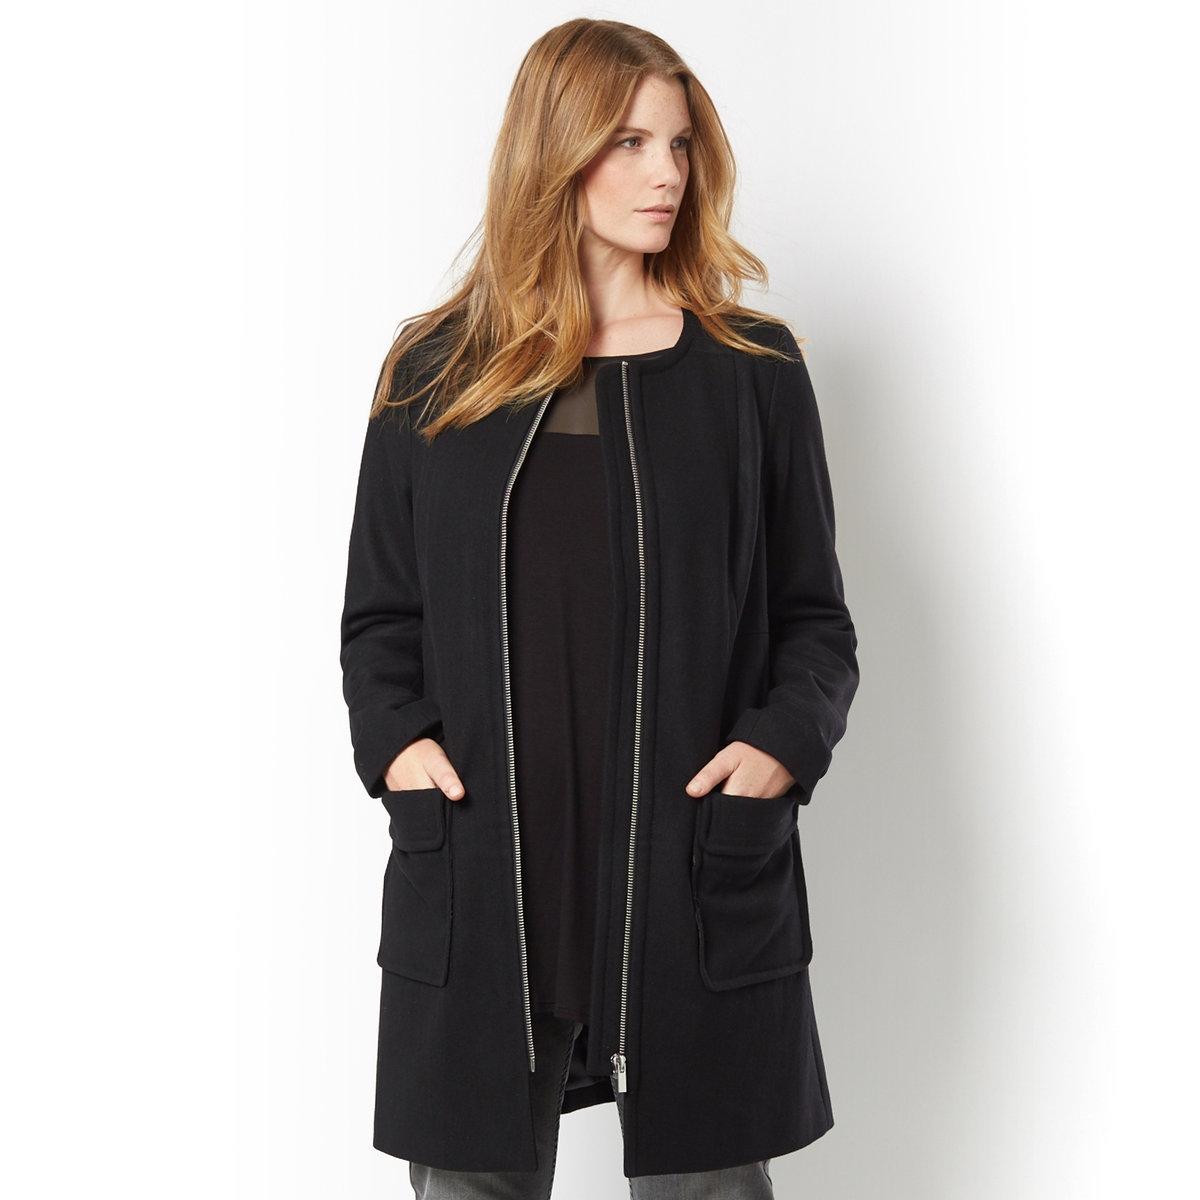 Пальто, 55% шерстиПальто. Без воротника, женственная модель. Слегла широкий покрой, нашивки спереди, на плечах, на карманах и на рукавах. Застежка на молнию. 2 накладных кармана с клапанами.55% шерсти, 35% полиэстера, 10% других волокон, подкладка из 100% полиэстера. Длина 85 см.<br><br>Цвет: черный